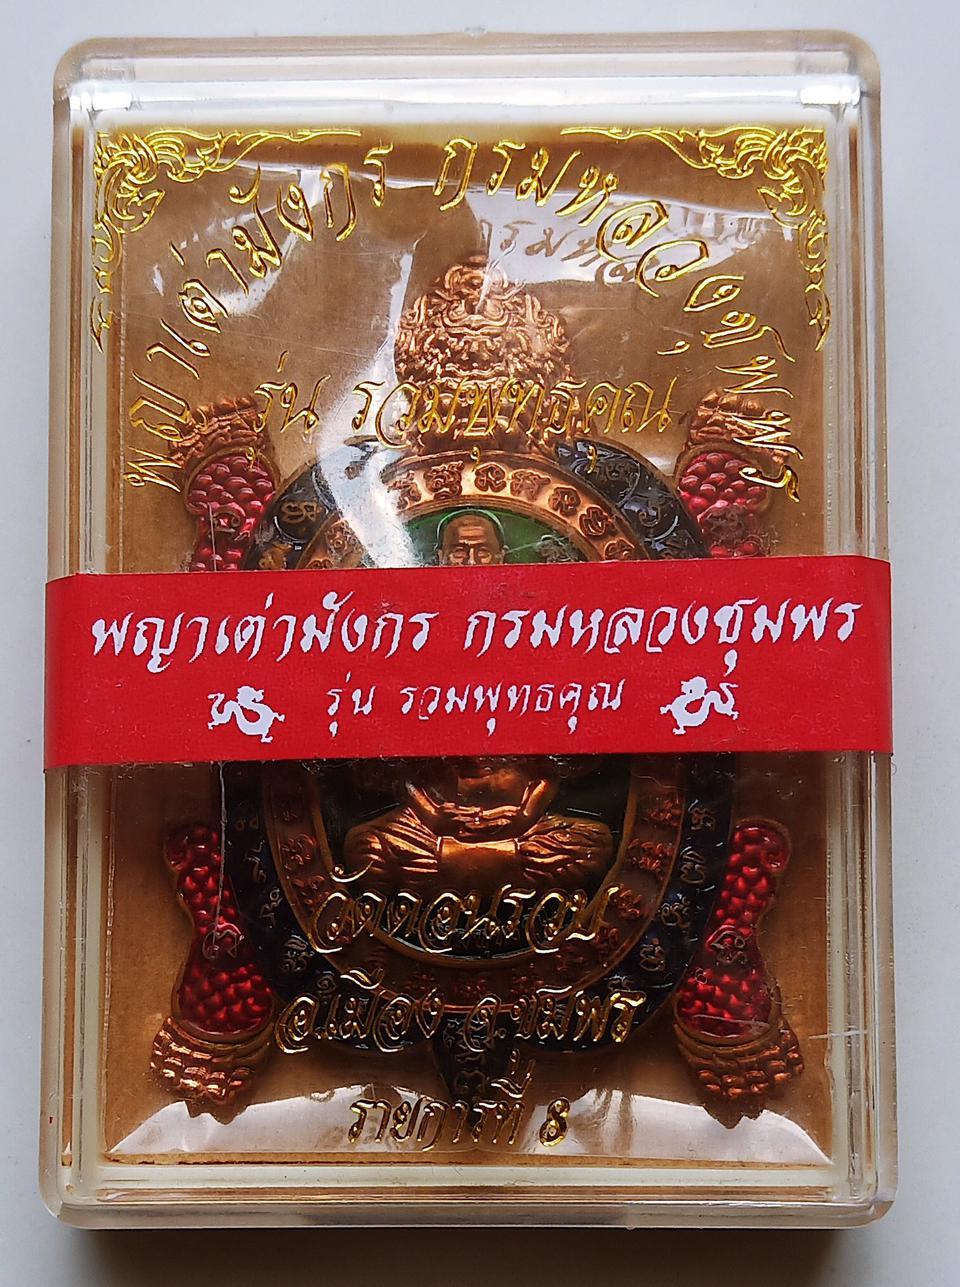 เหรียญพญาเต่ามังกร กรมหลวงชุมพร วัดดอนรวบ จ.ชุมพร ปี 63 รุ่นรวมพุทธคุณ เนื้อทองแดงลงยา  รูปที่ 3